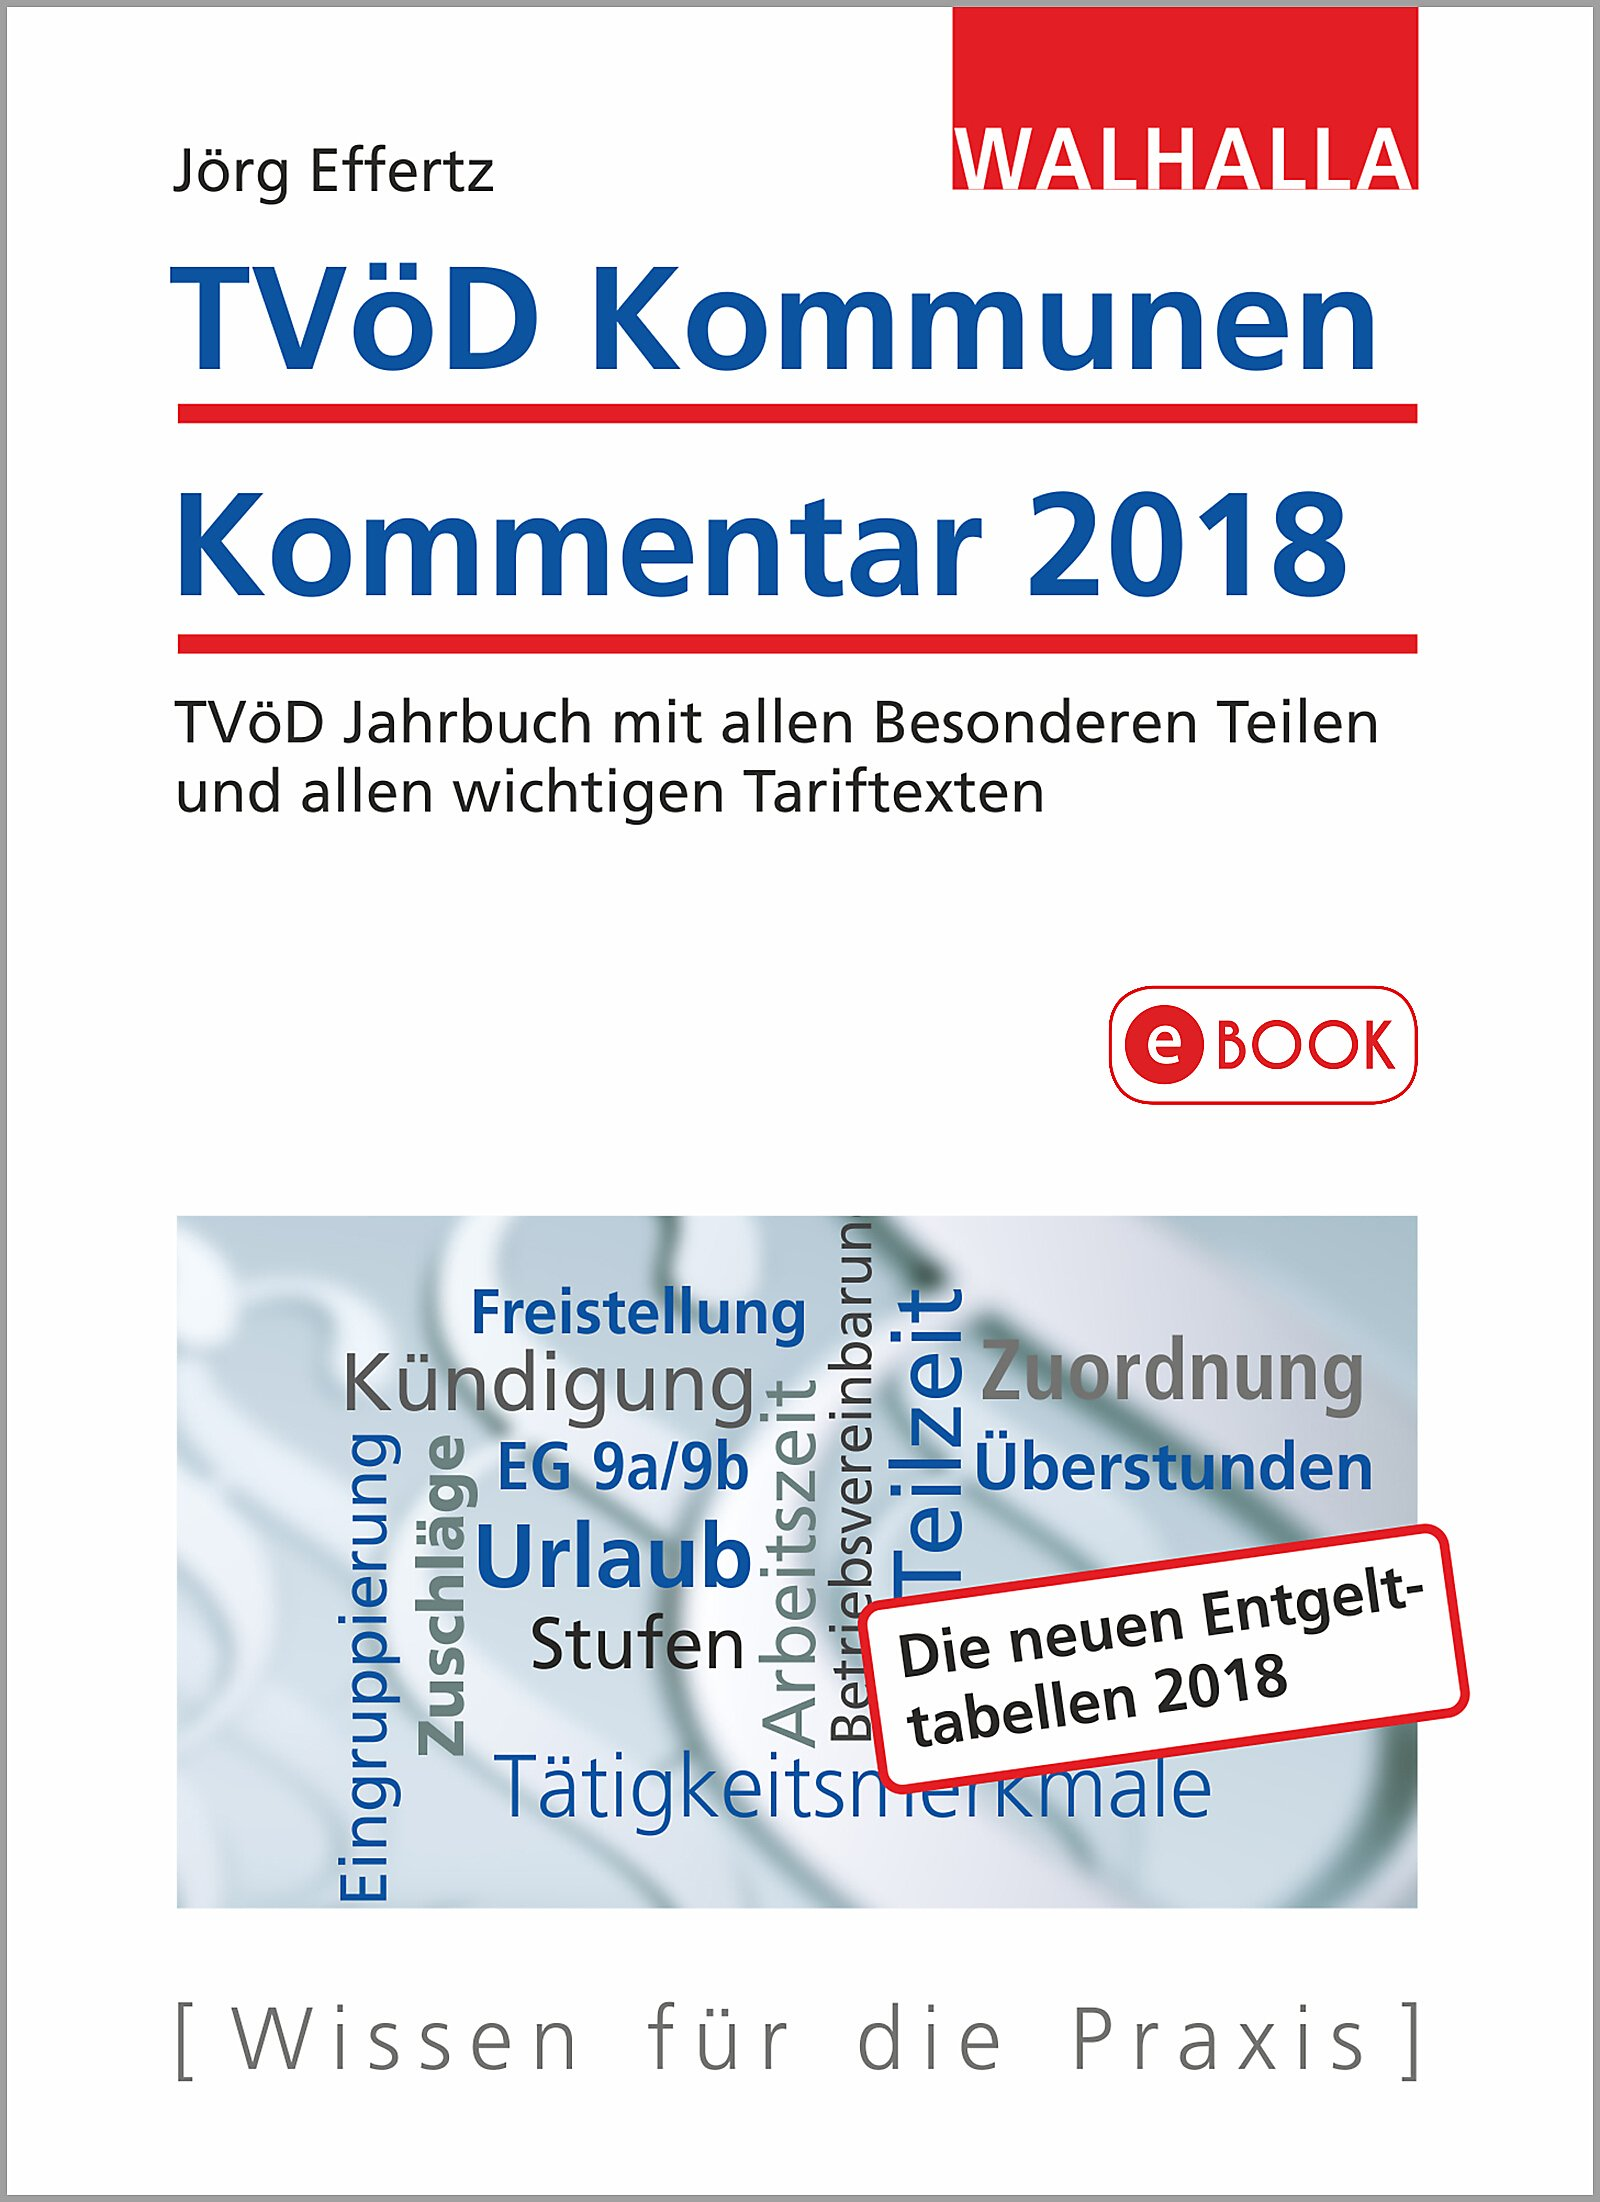 Tvöd Kommunen Kommentar 2018 Ebook Jetzt Bei Weltbildde